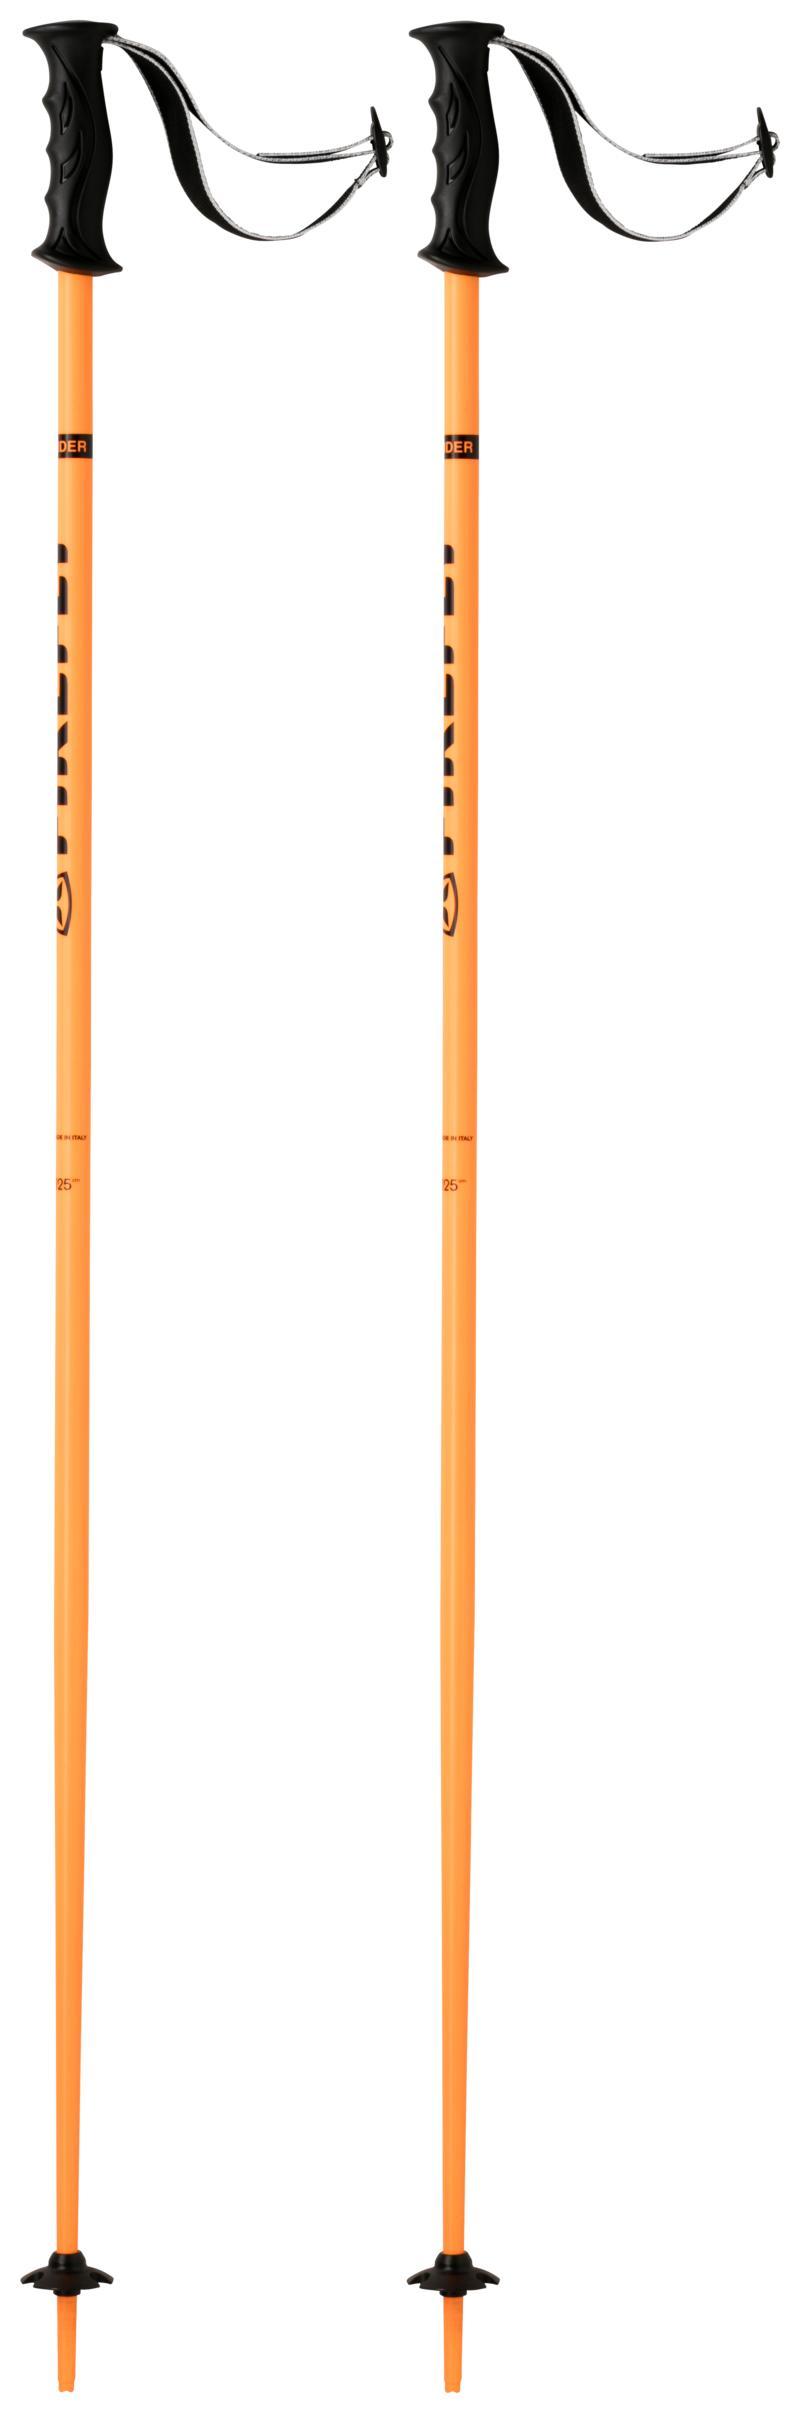 Firefly WALLRIDER, štapovi za skijanje, narandžasta